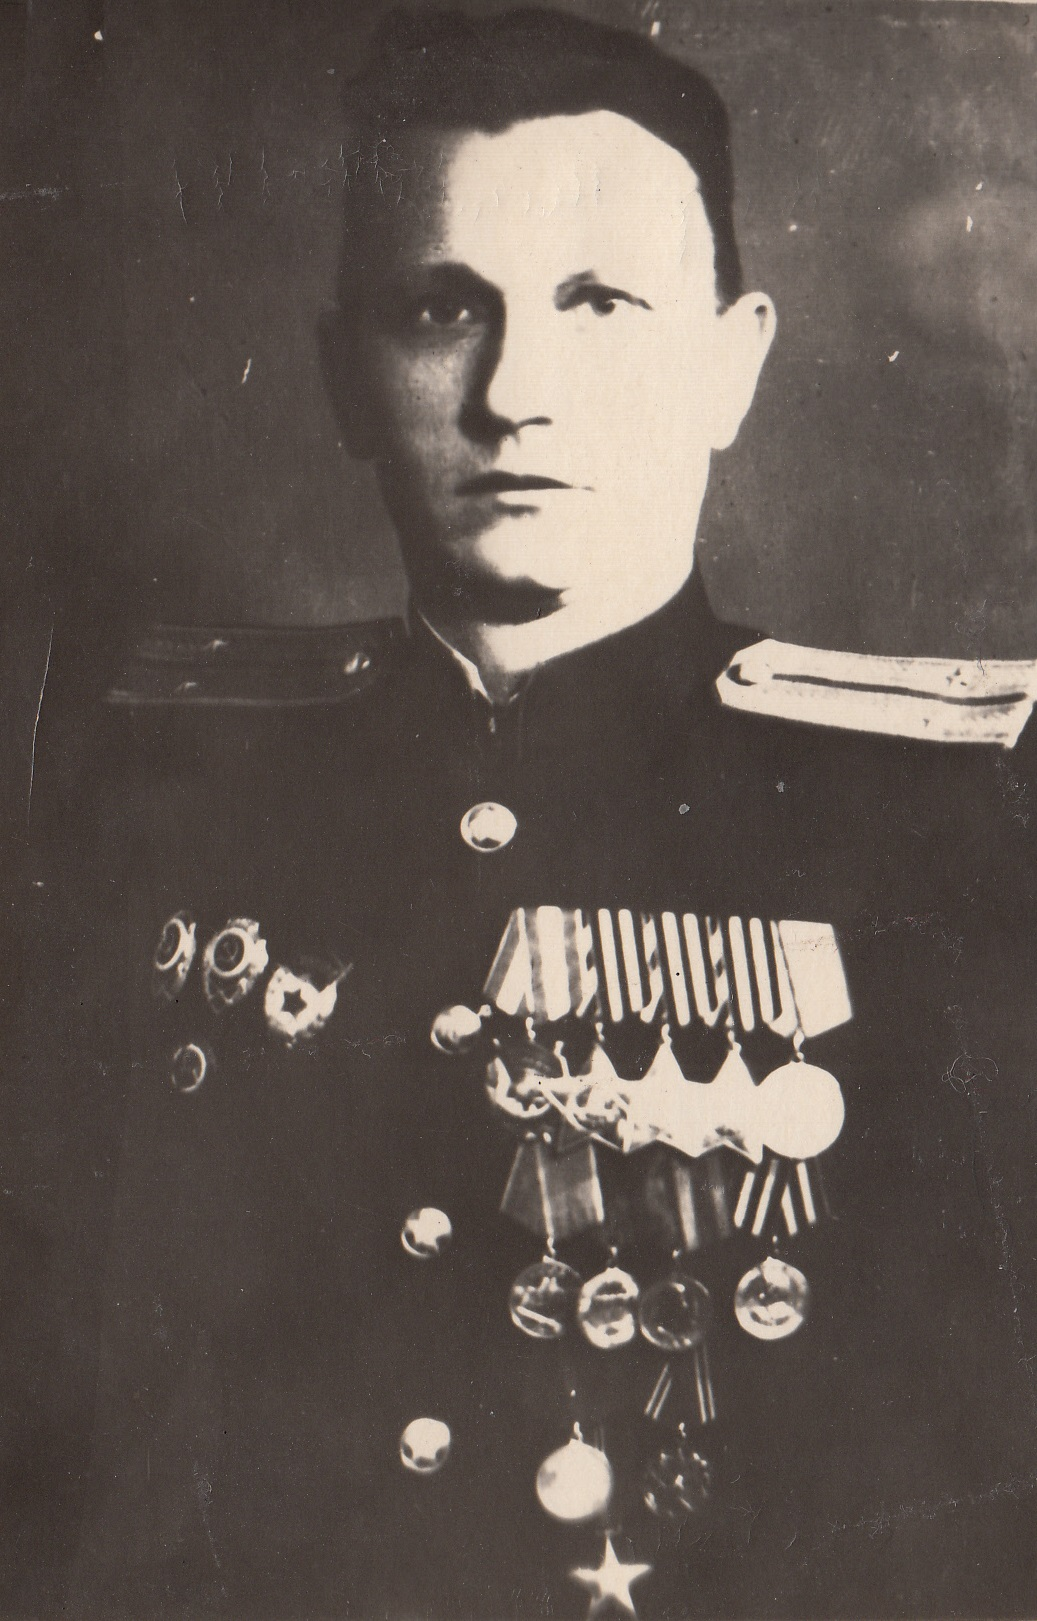 Шерстюк Фёдор Семенович, Ковалер орденов